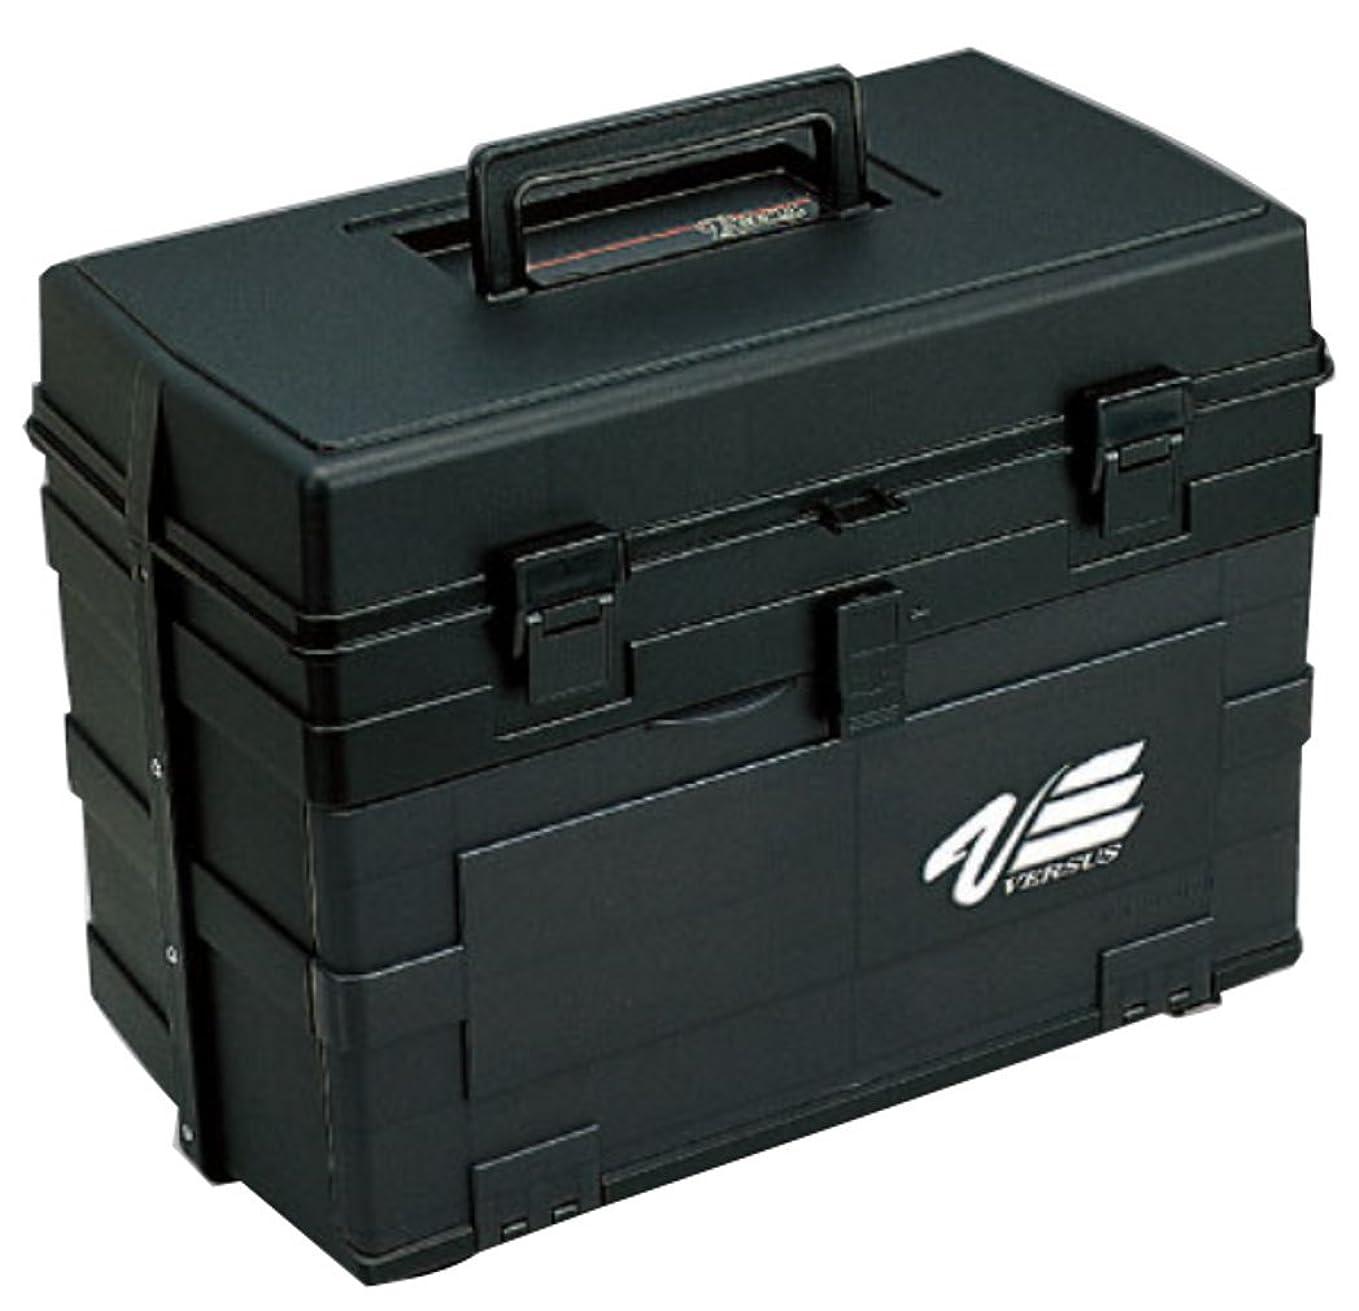 デンマーク語剪断ベリータックルボックス 釣具収納 ルアーケース ポータブル 仕掛け小物入れ 個々のコンパートメント 持ち運び易い 釣り道具 ボックス 釣りの餌箱